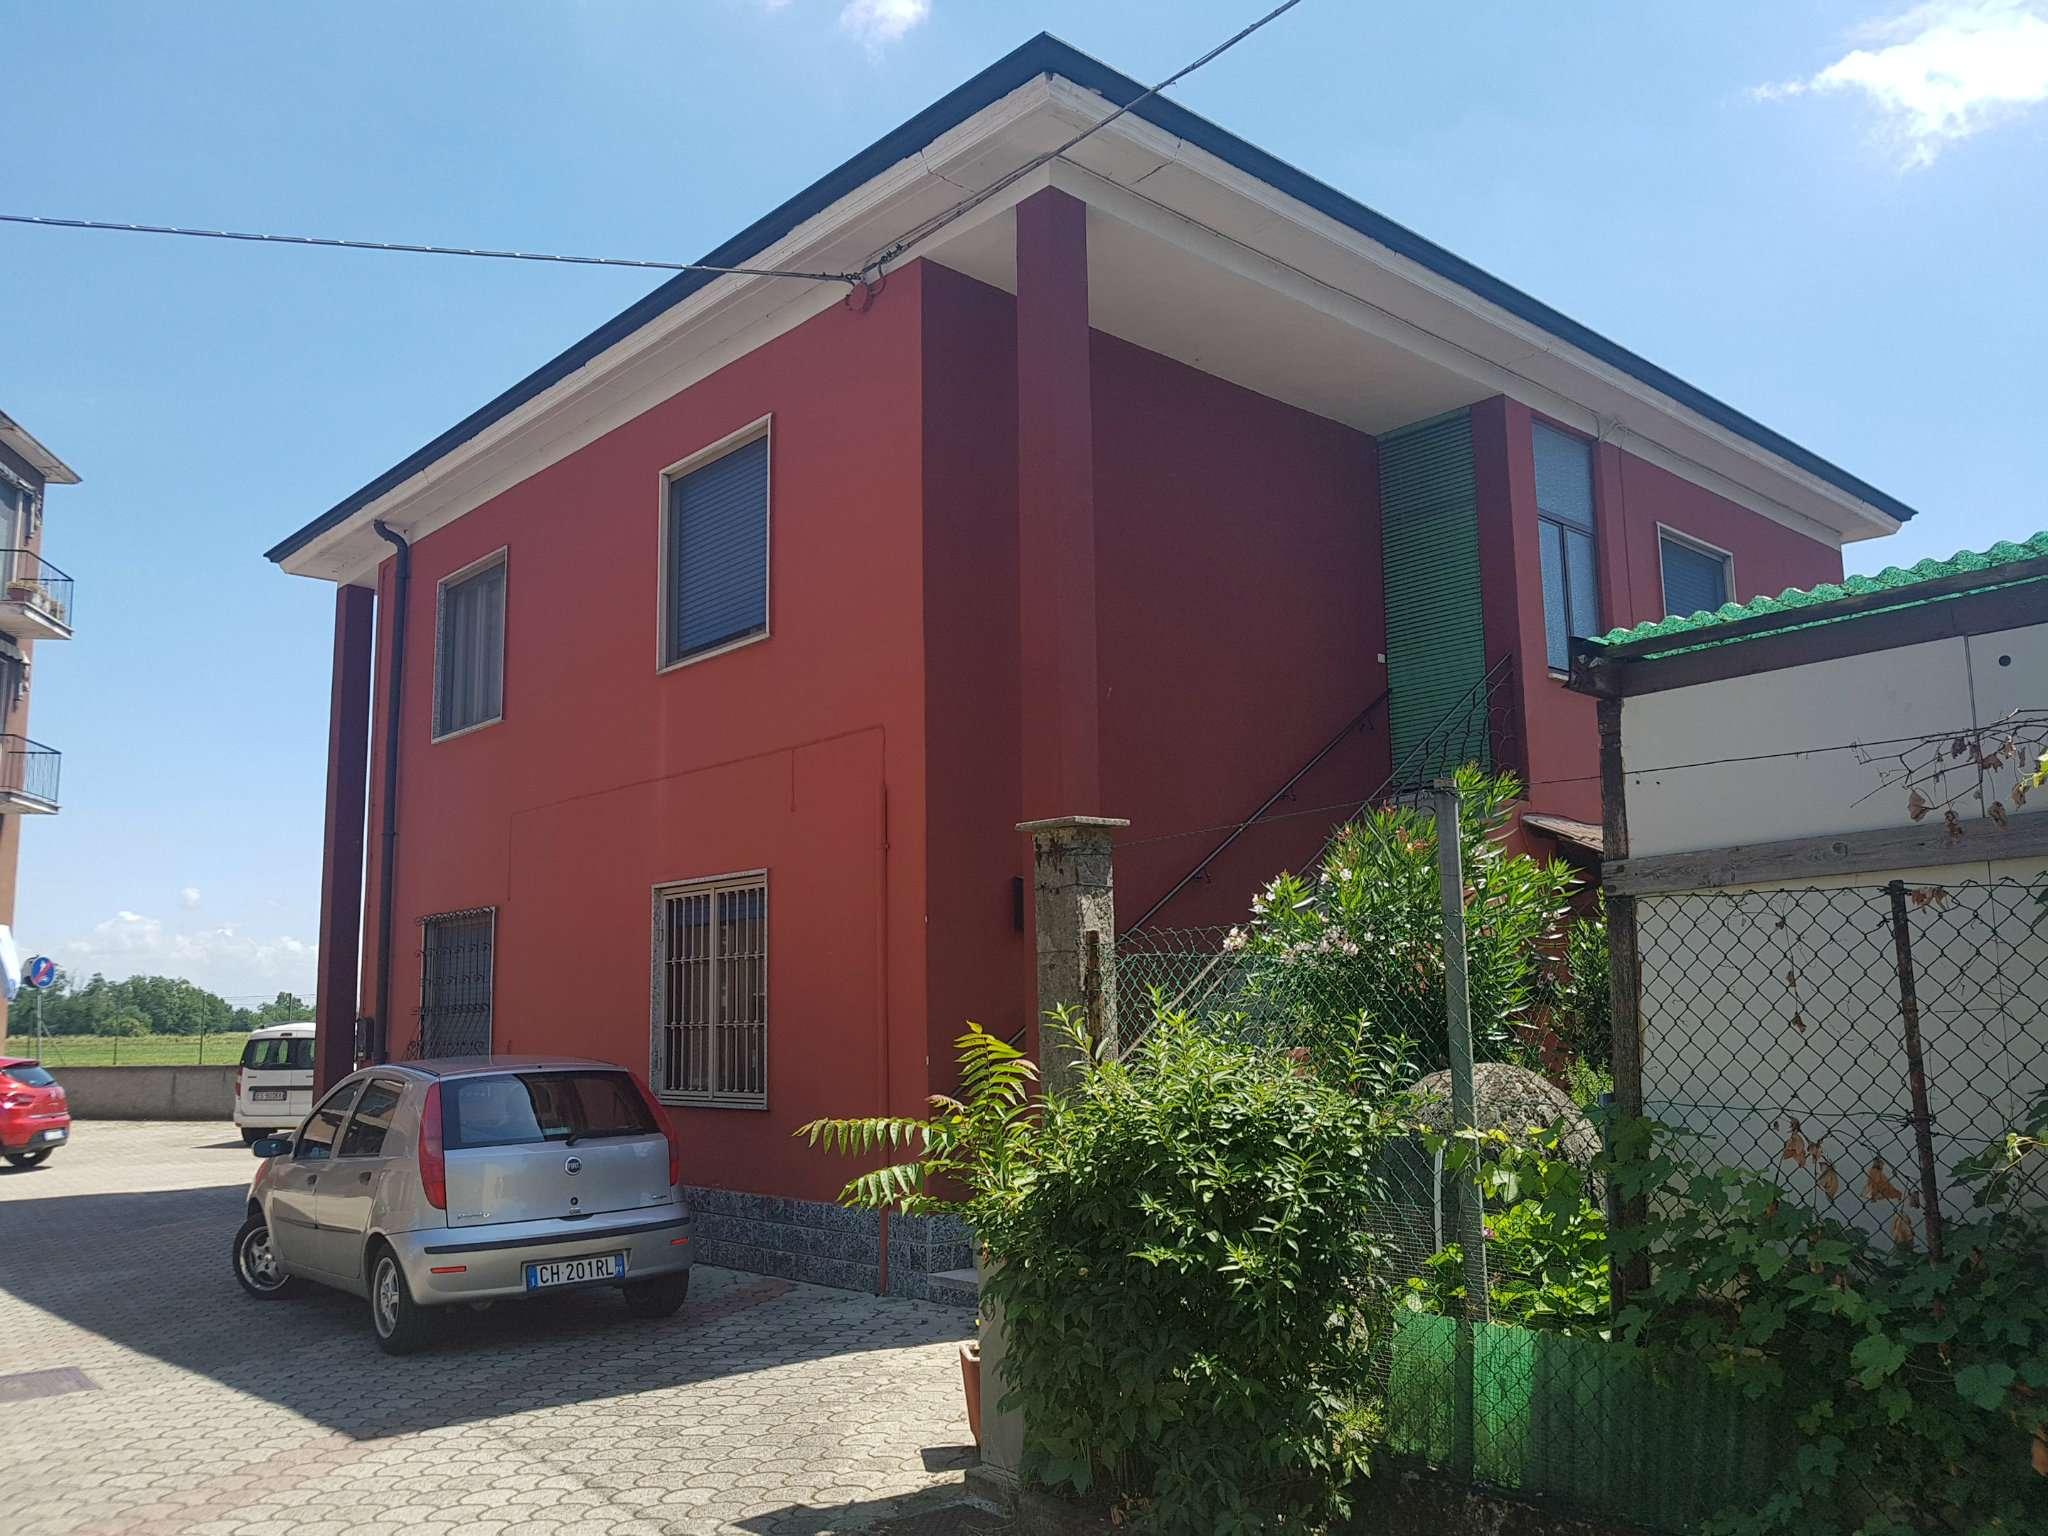 Appartamento in vendita a Mediglia, 2 locali, prezzo € 100.000 | CambioCasa.it